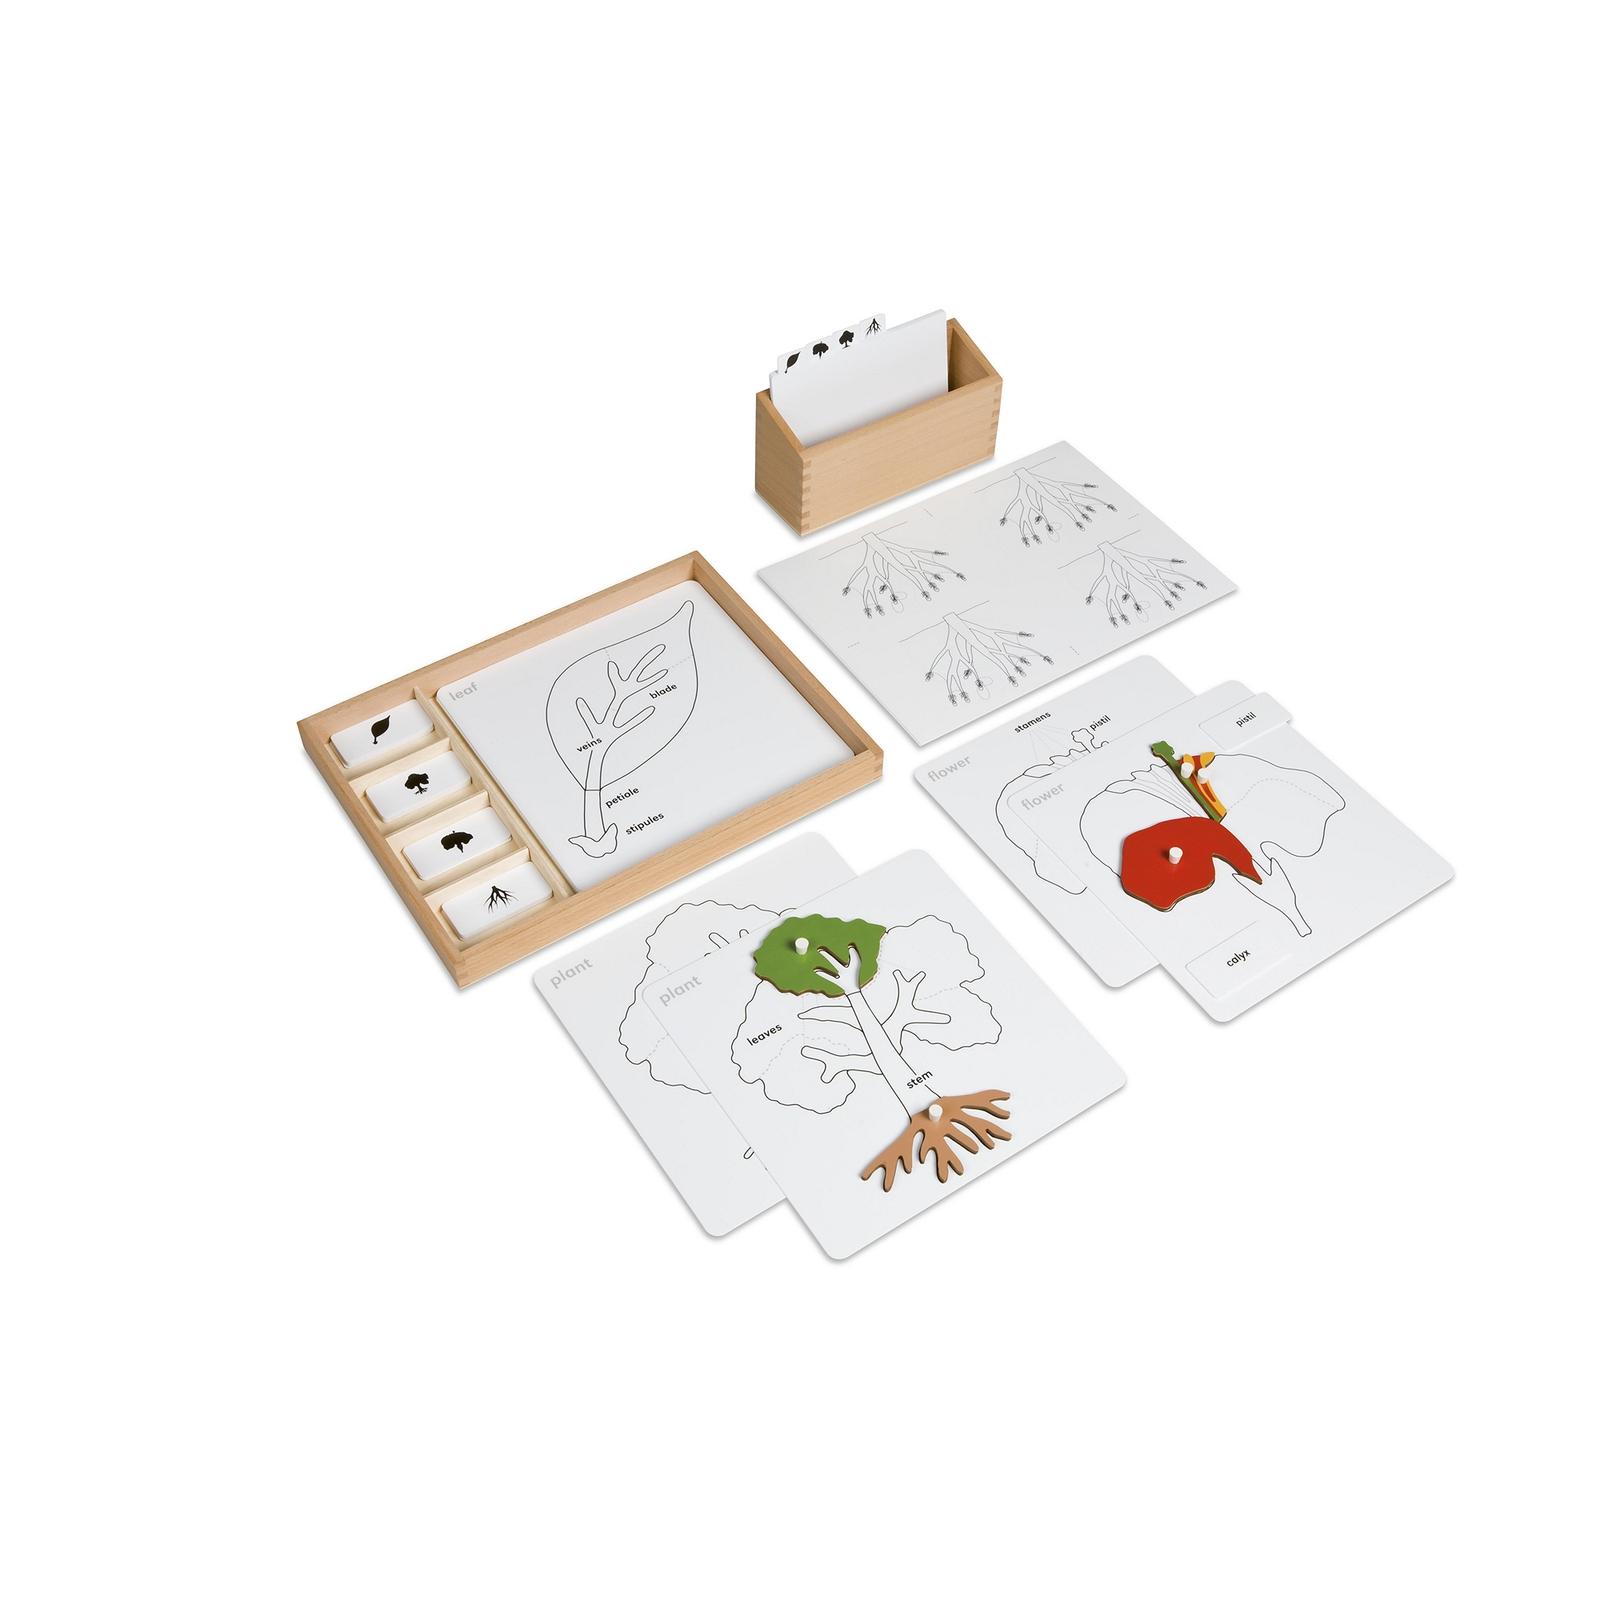 Botany Puzzle Activity Set